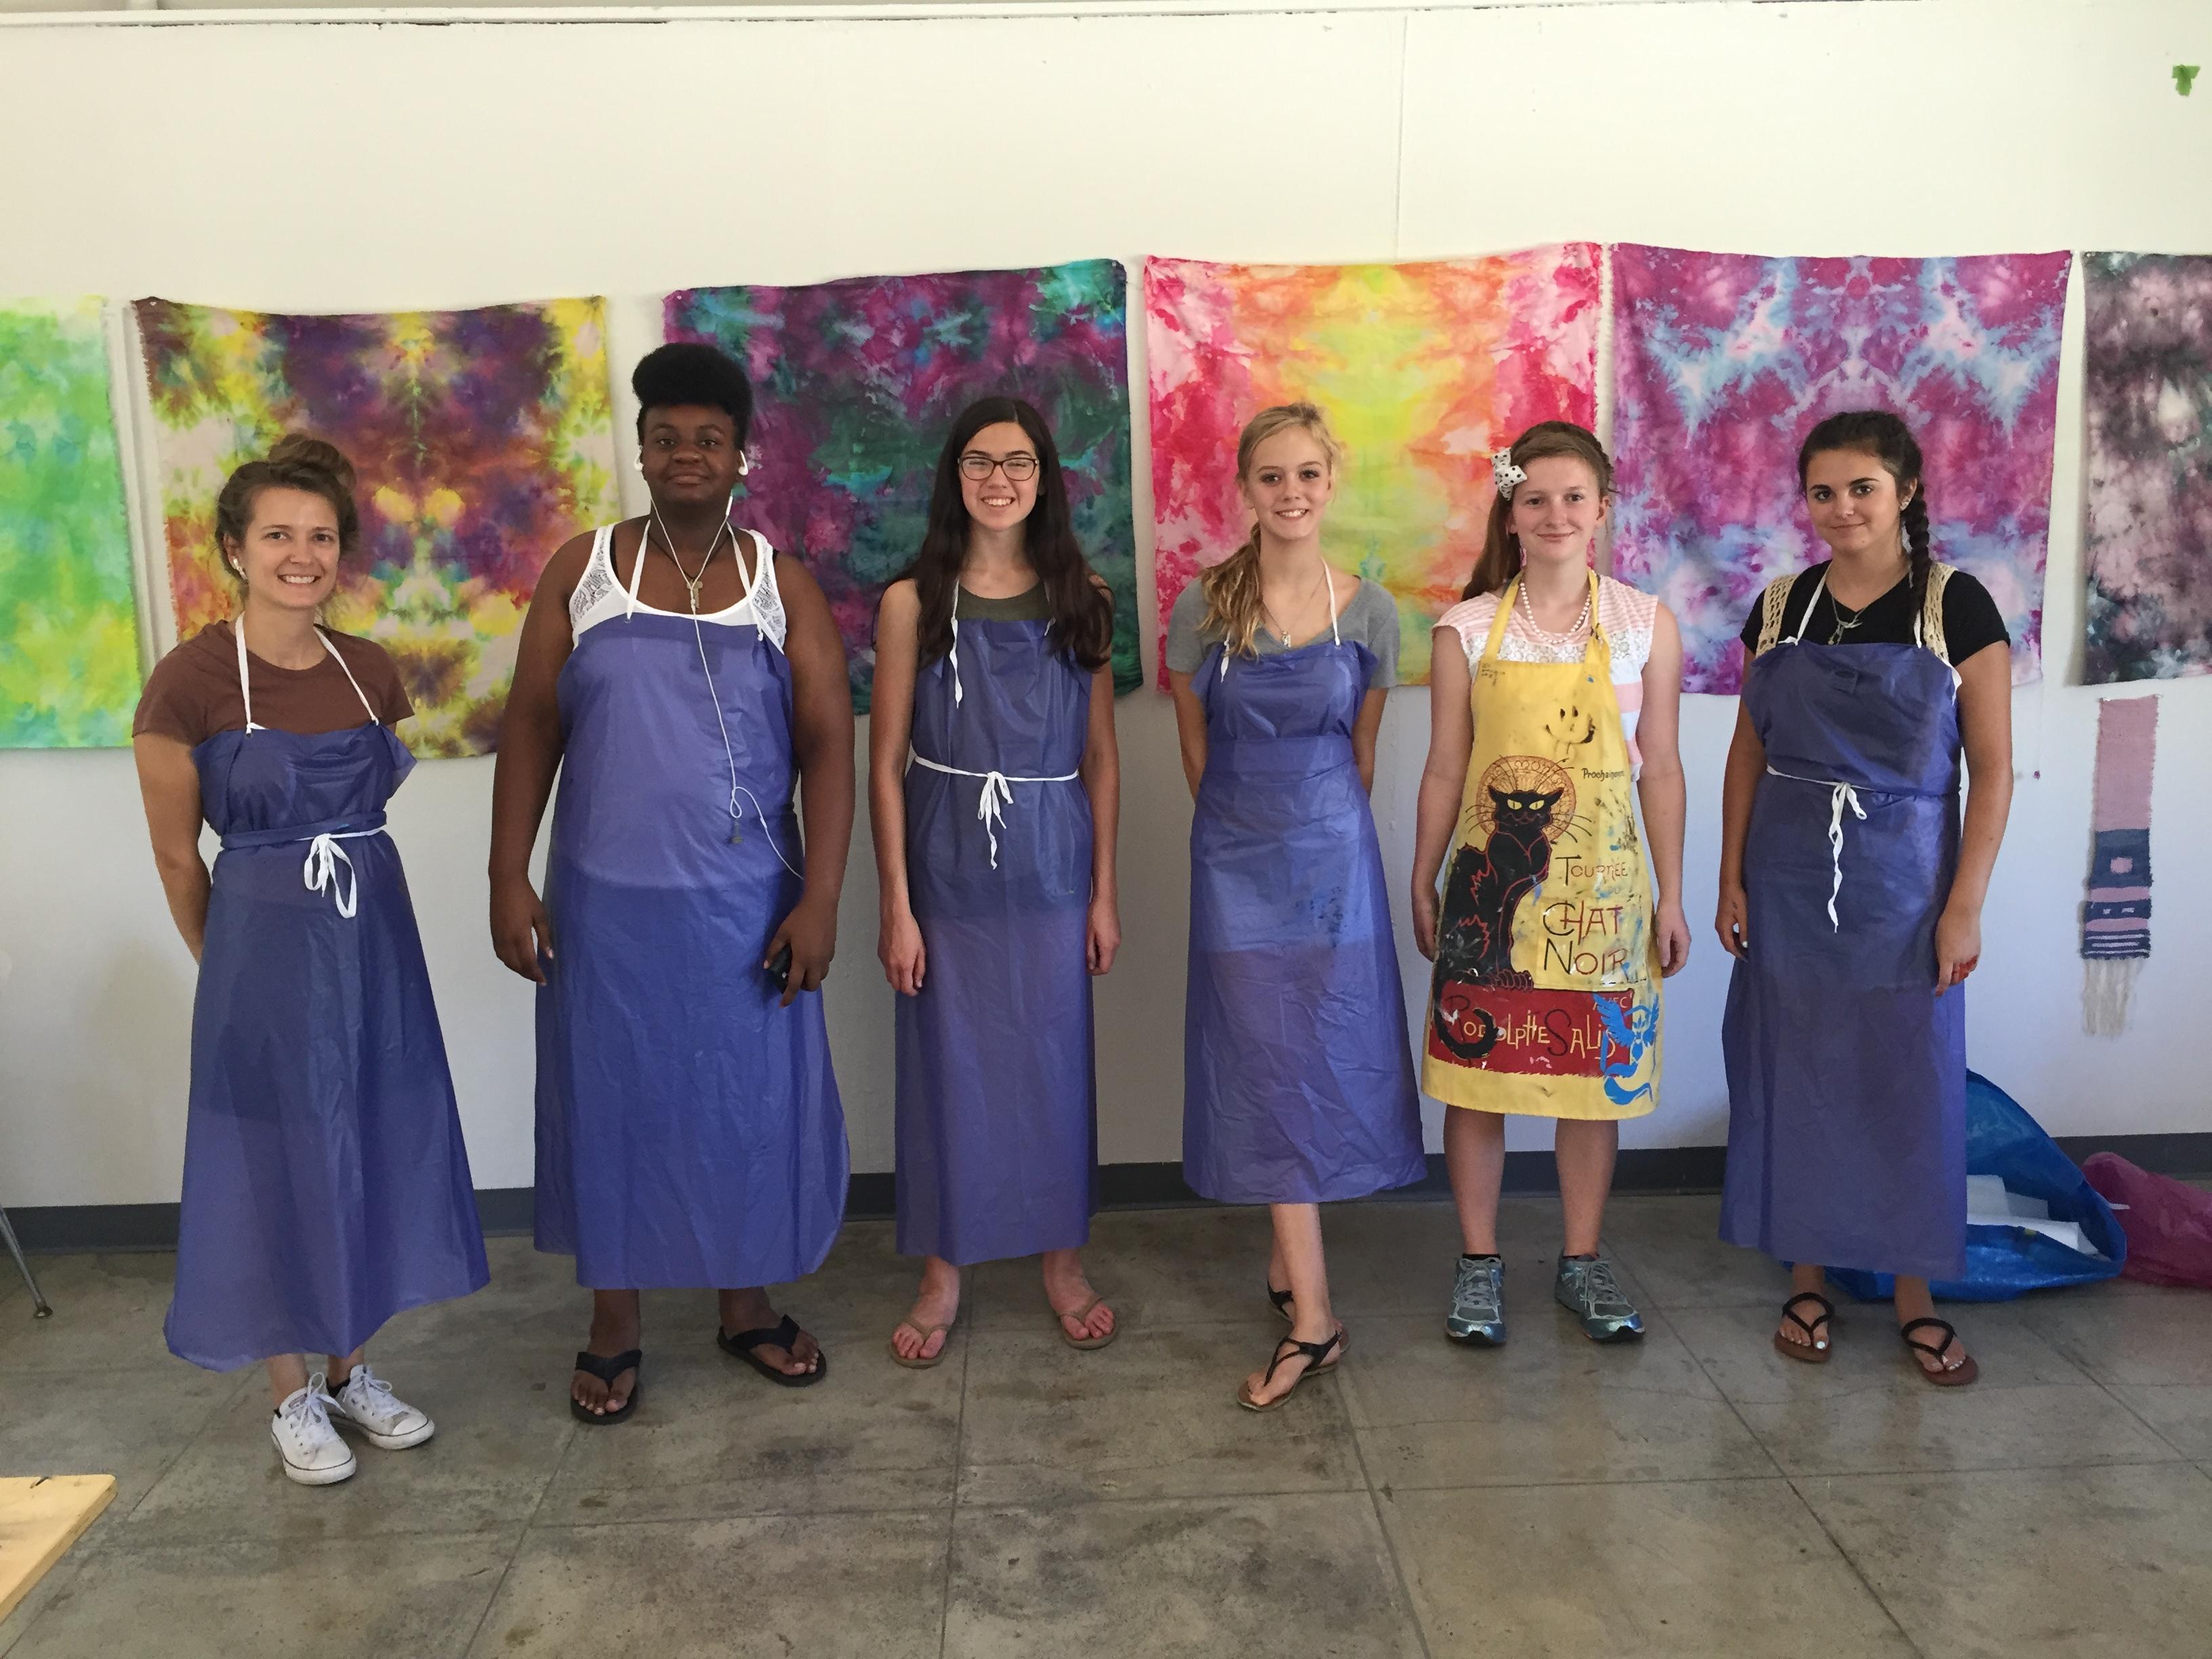 Summer Program - Sewing | Cranbrook Summer Art Institute